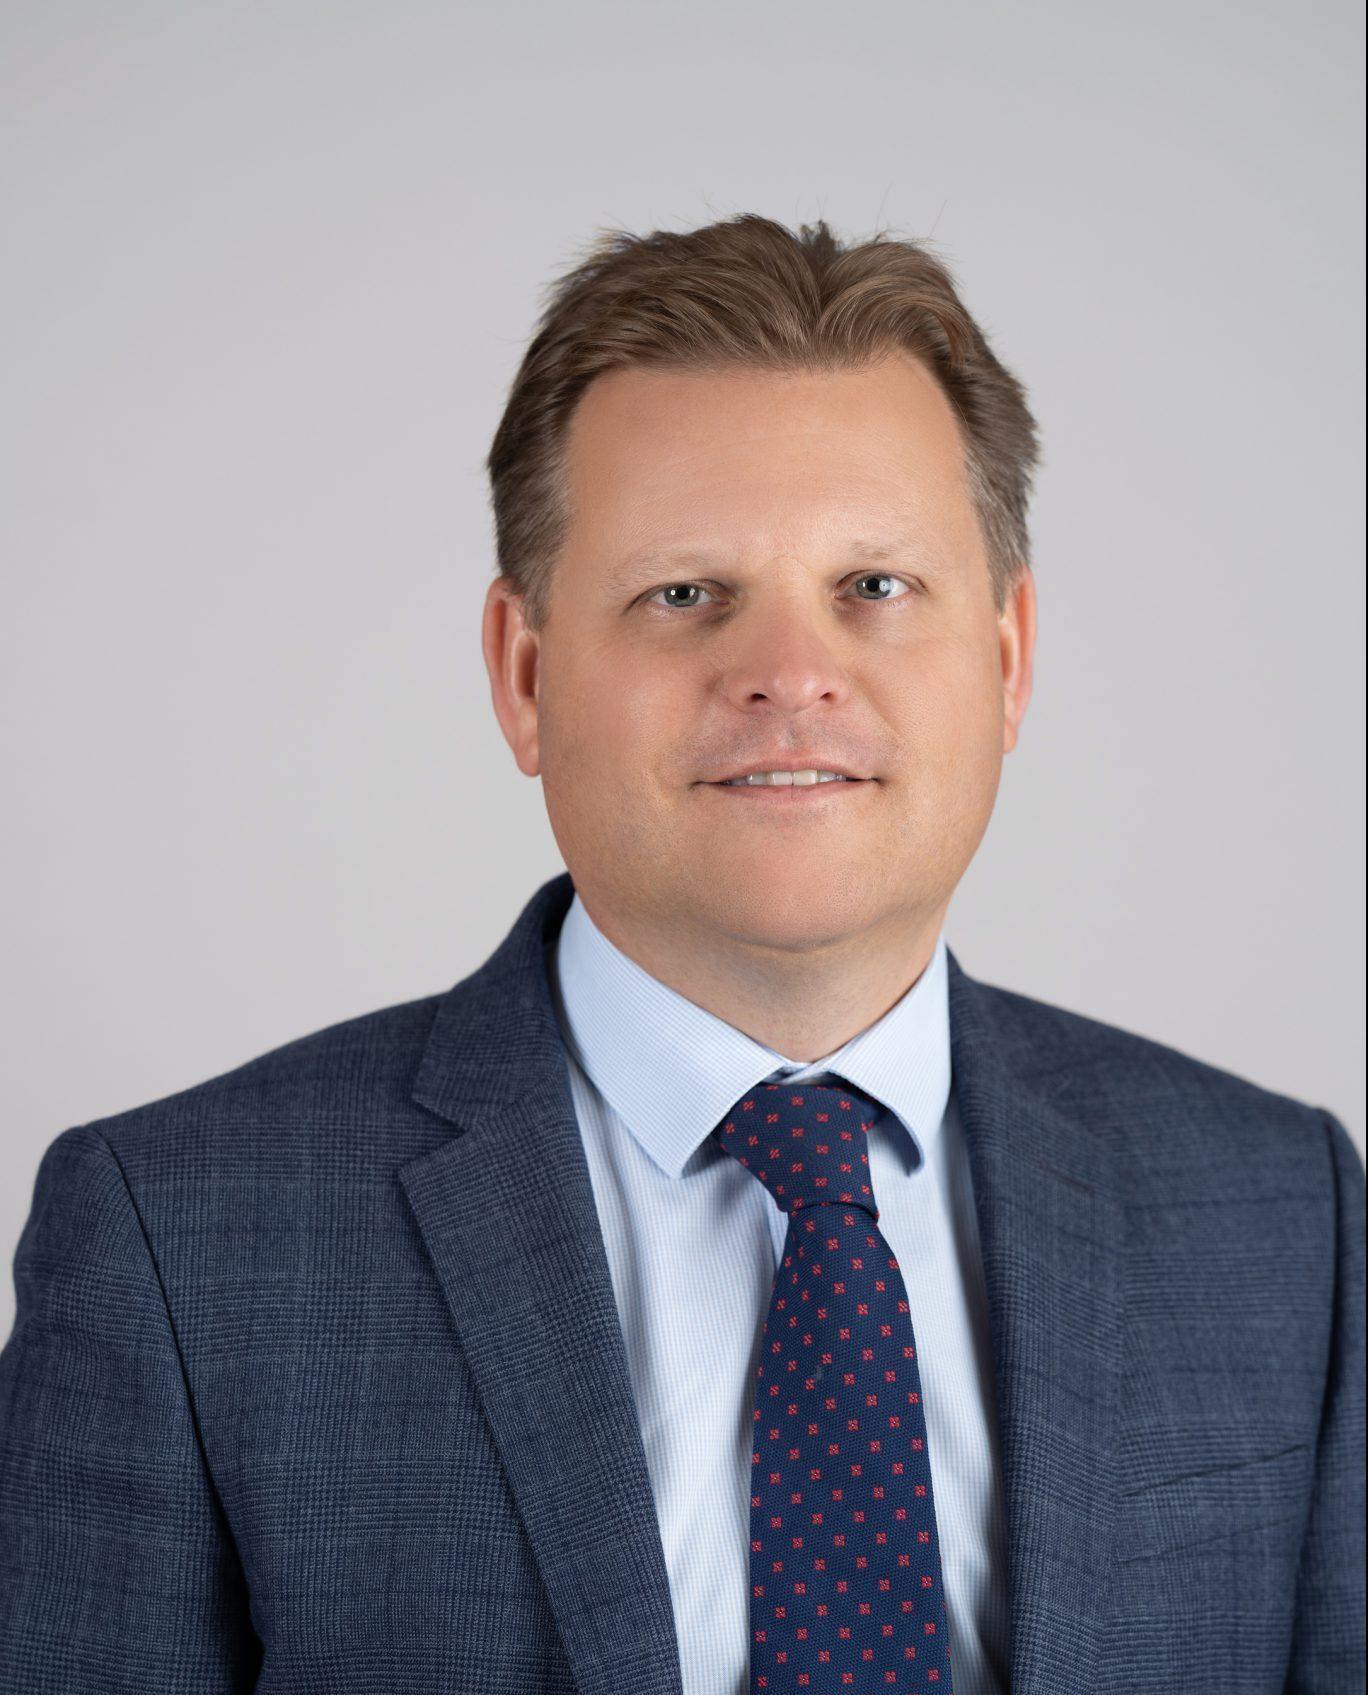 Simon Taphouse